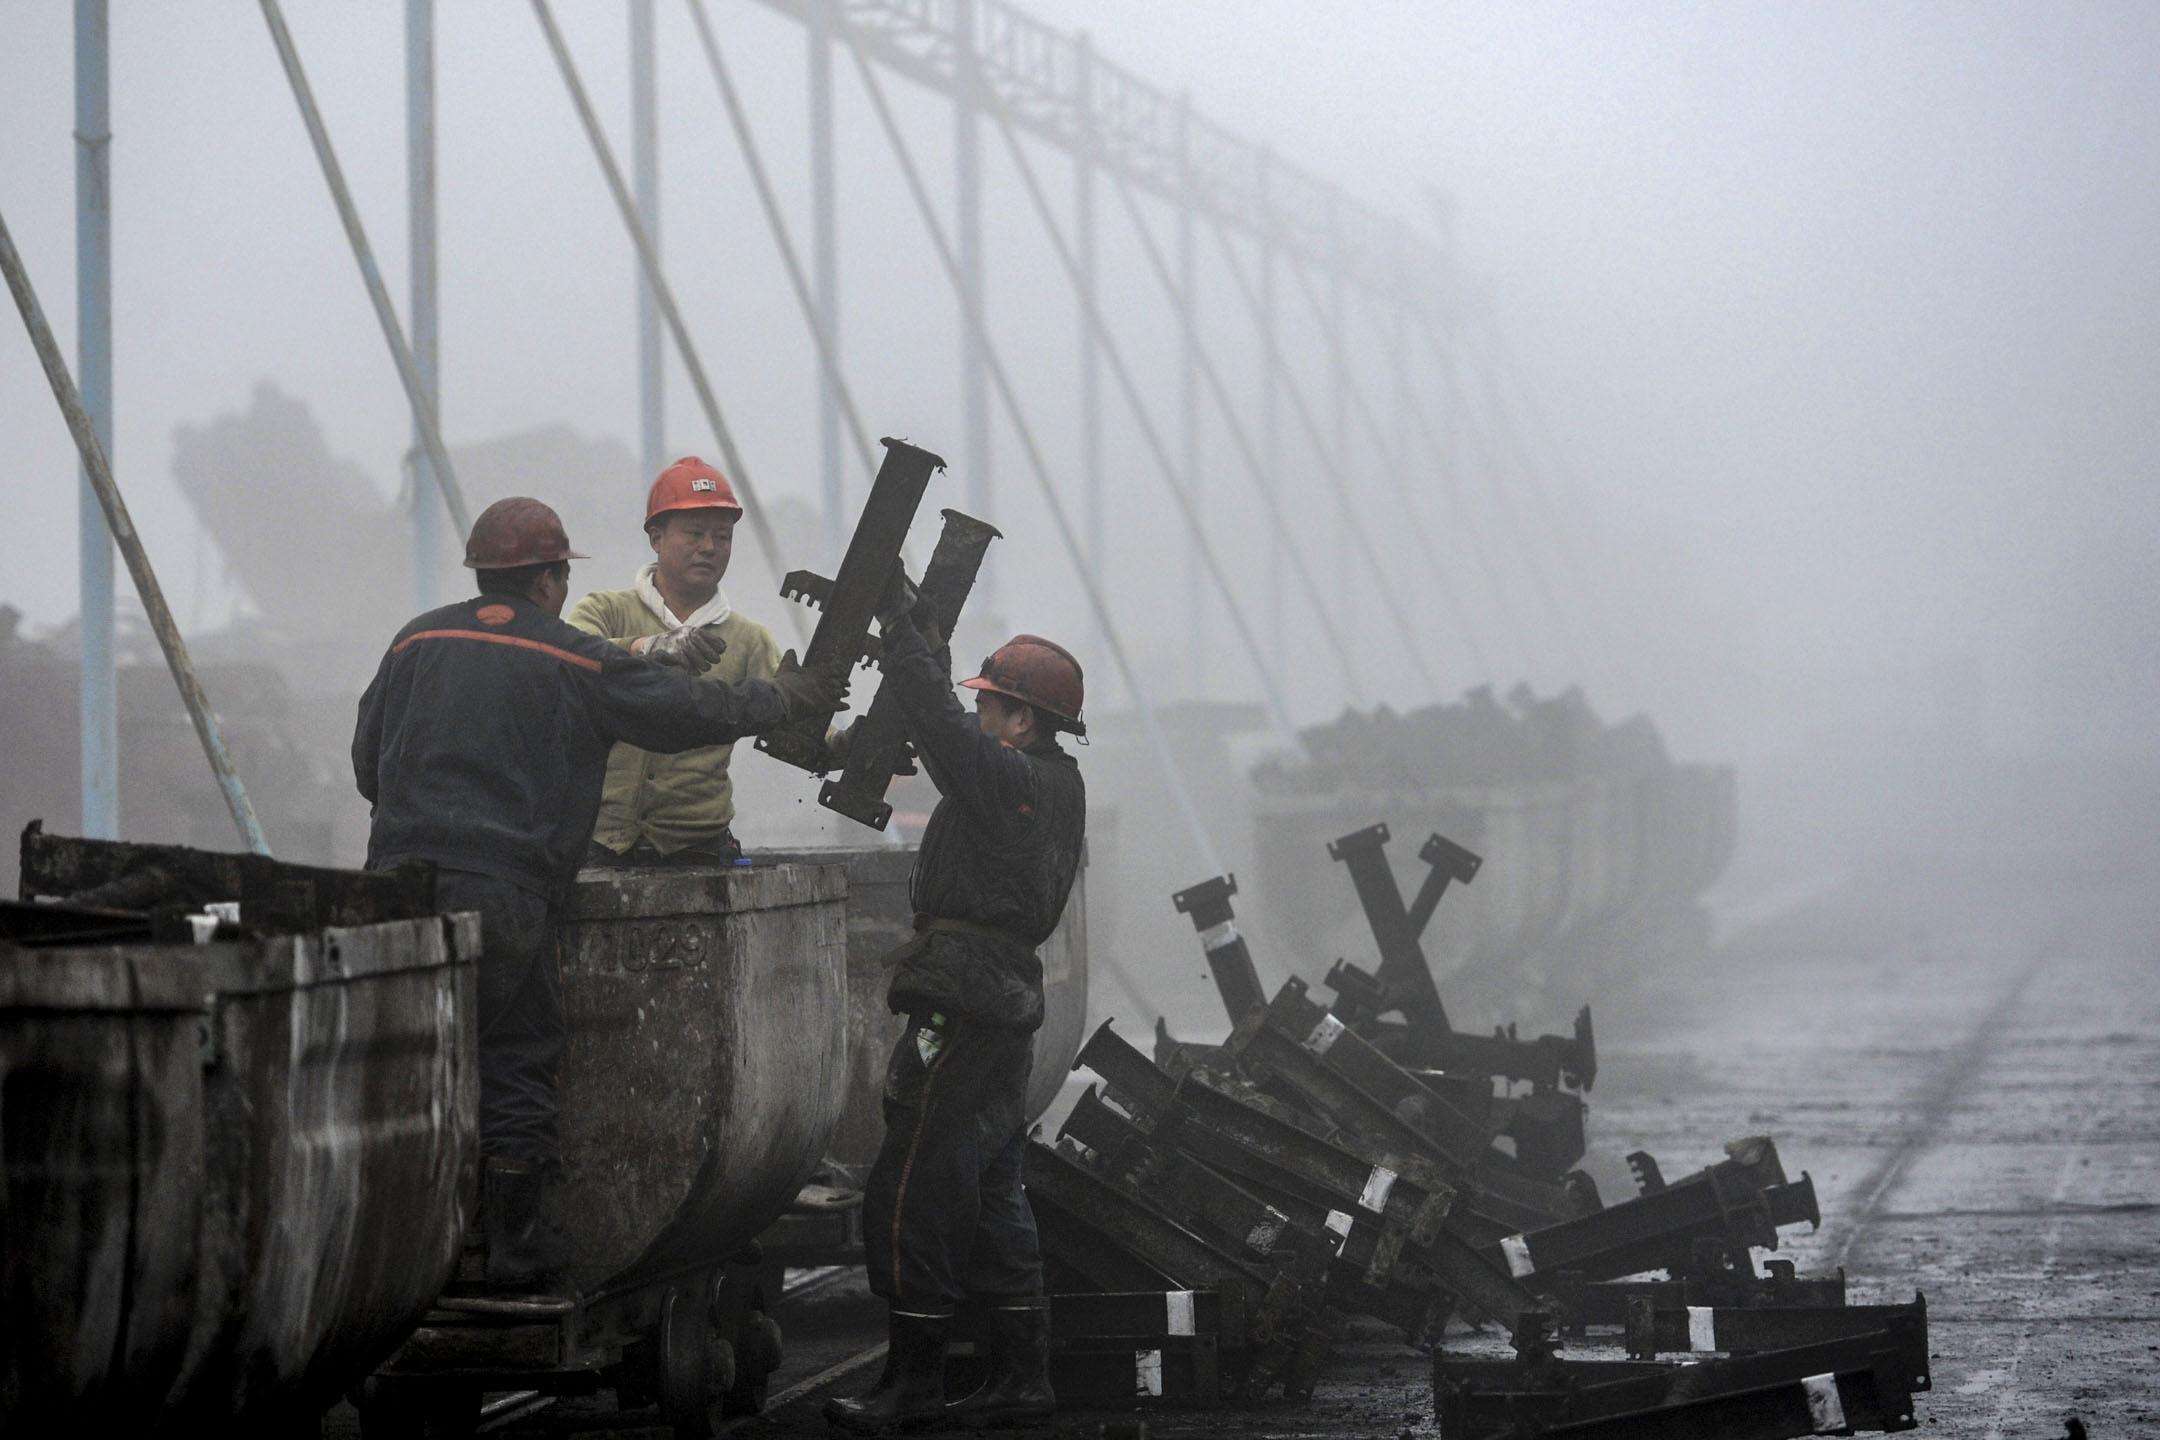 2018年冬季被勒令關停的工廠復工兩個月後,京津冀便重新經歷了秋冬以來最嚴重的大氣污染,北京、石家莊、保定等13個城市空氣質量一度重回重污染水平。 攝:AFP/Getty Images